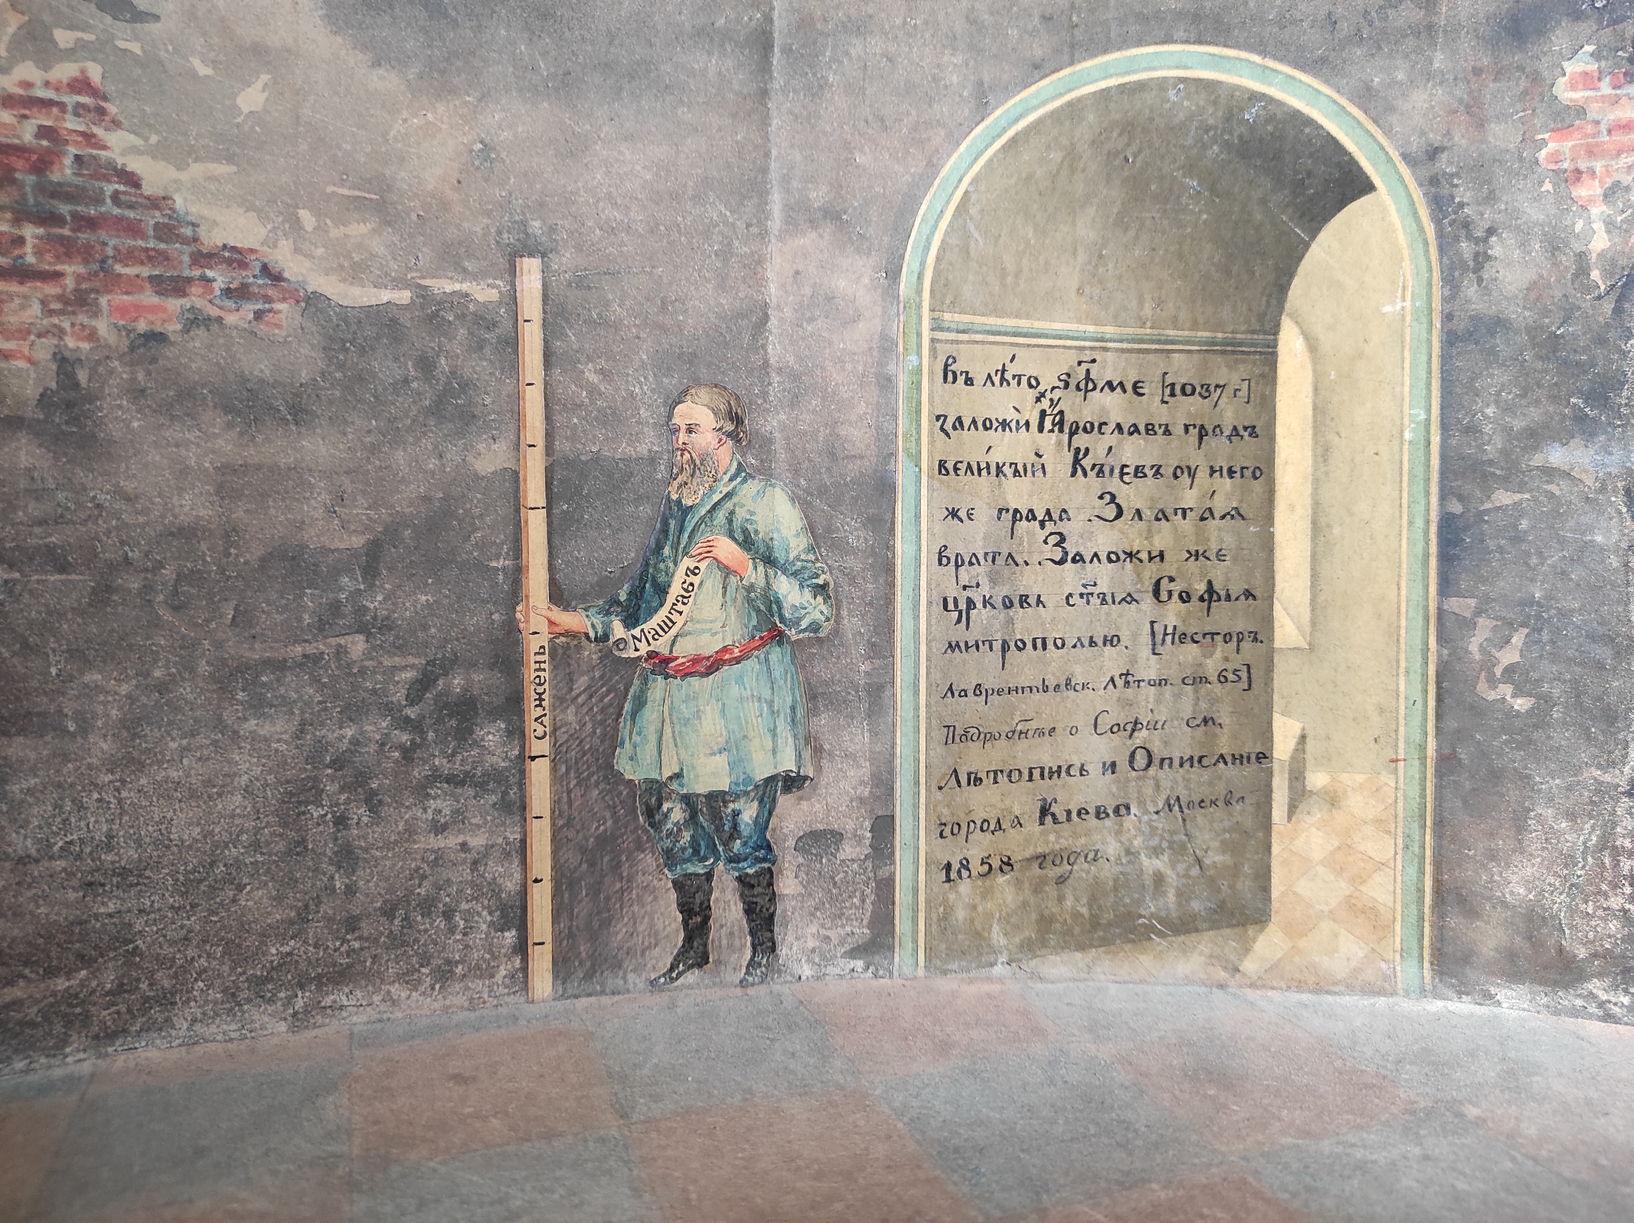 Фрагмент макета алтарной апсиды Софийского собора в Киеве